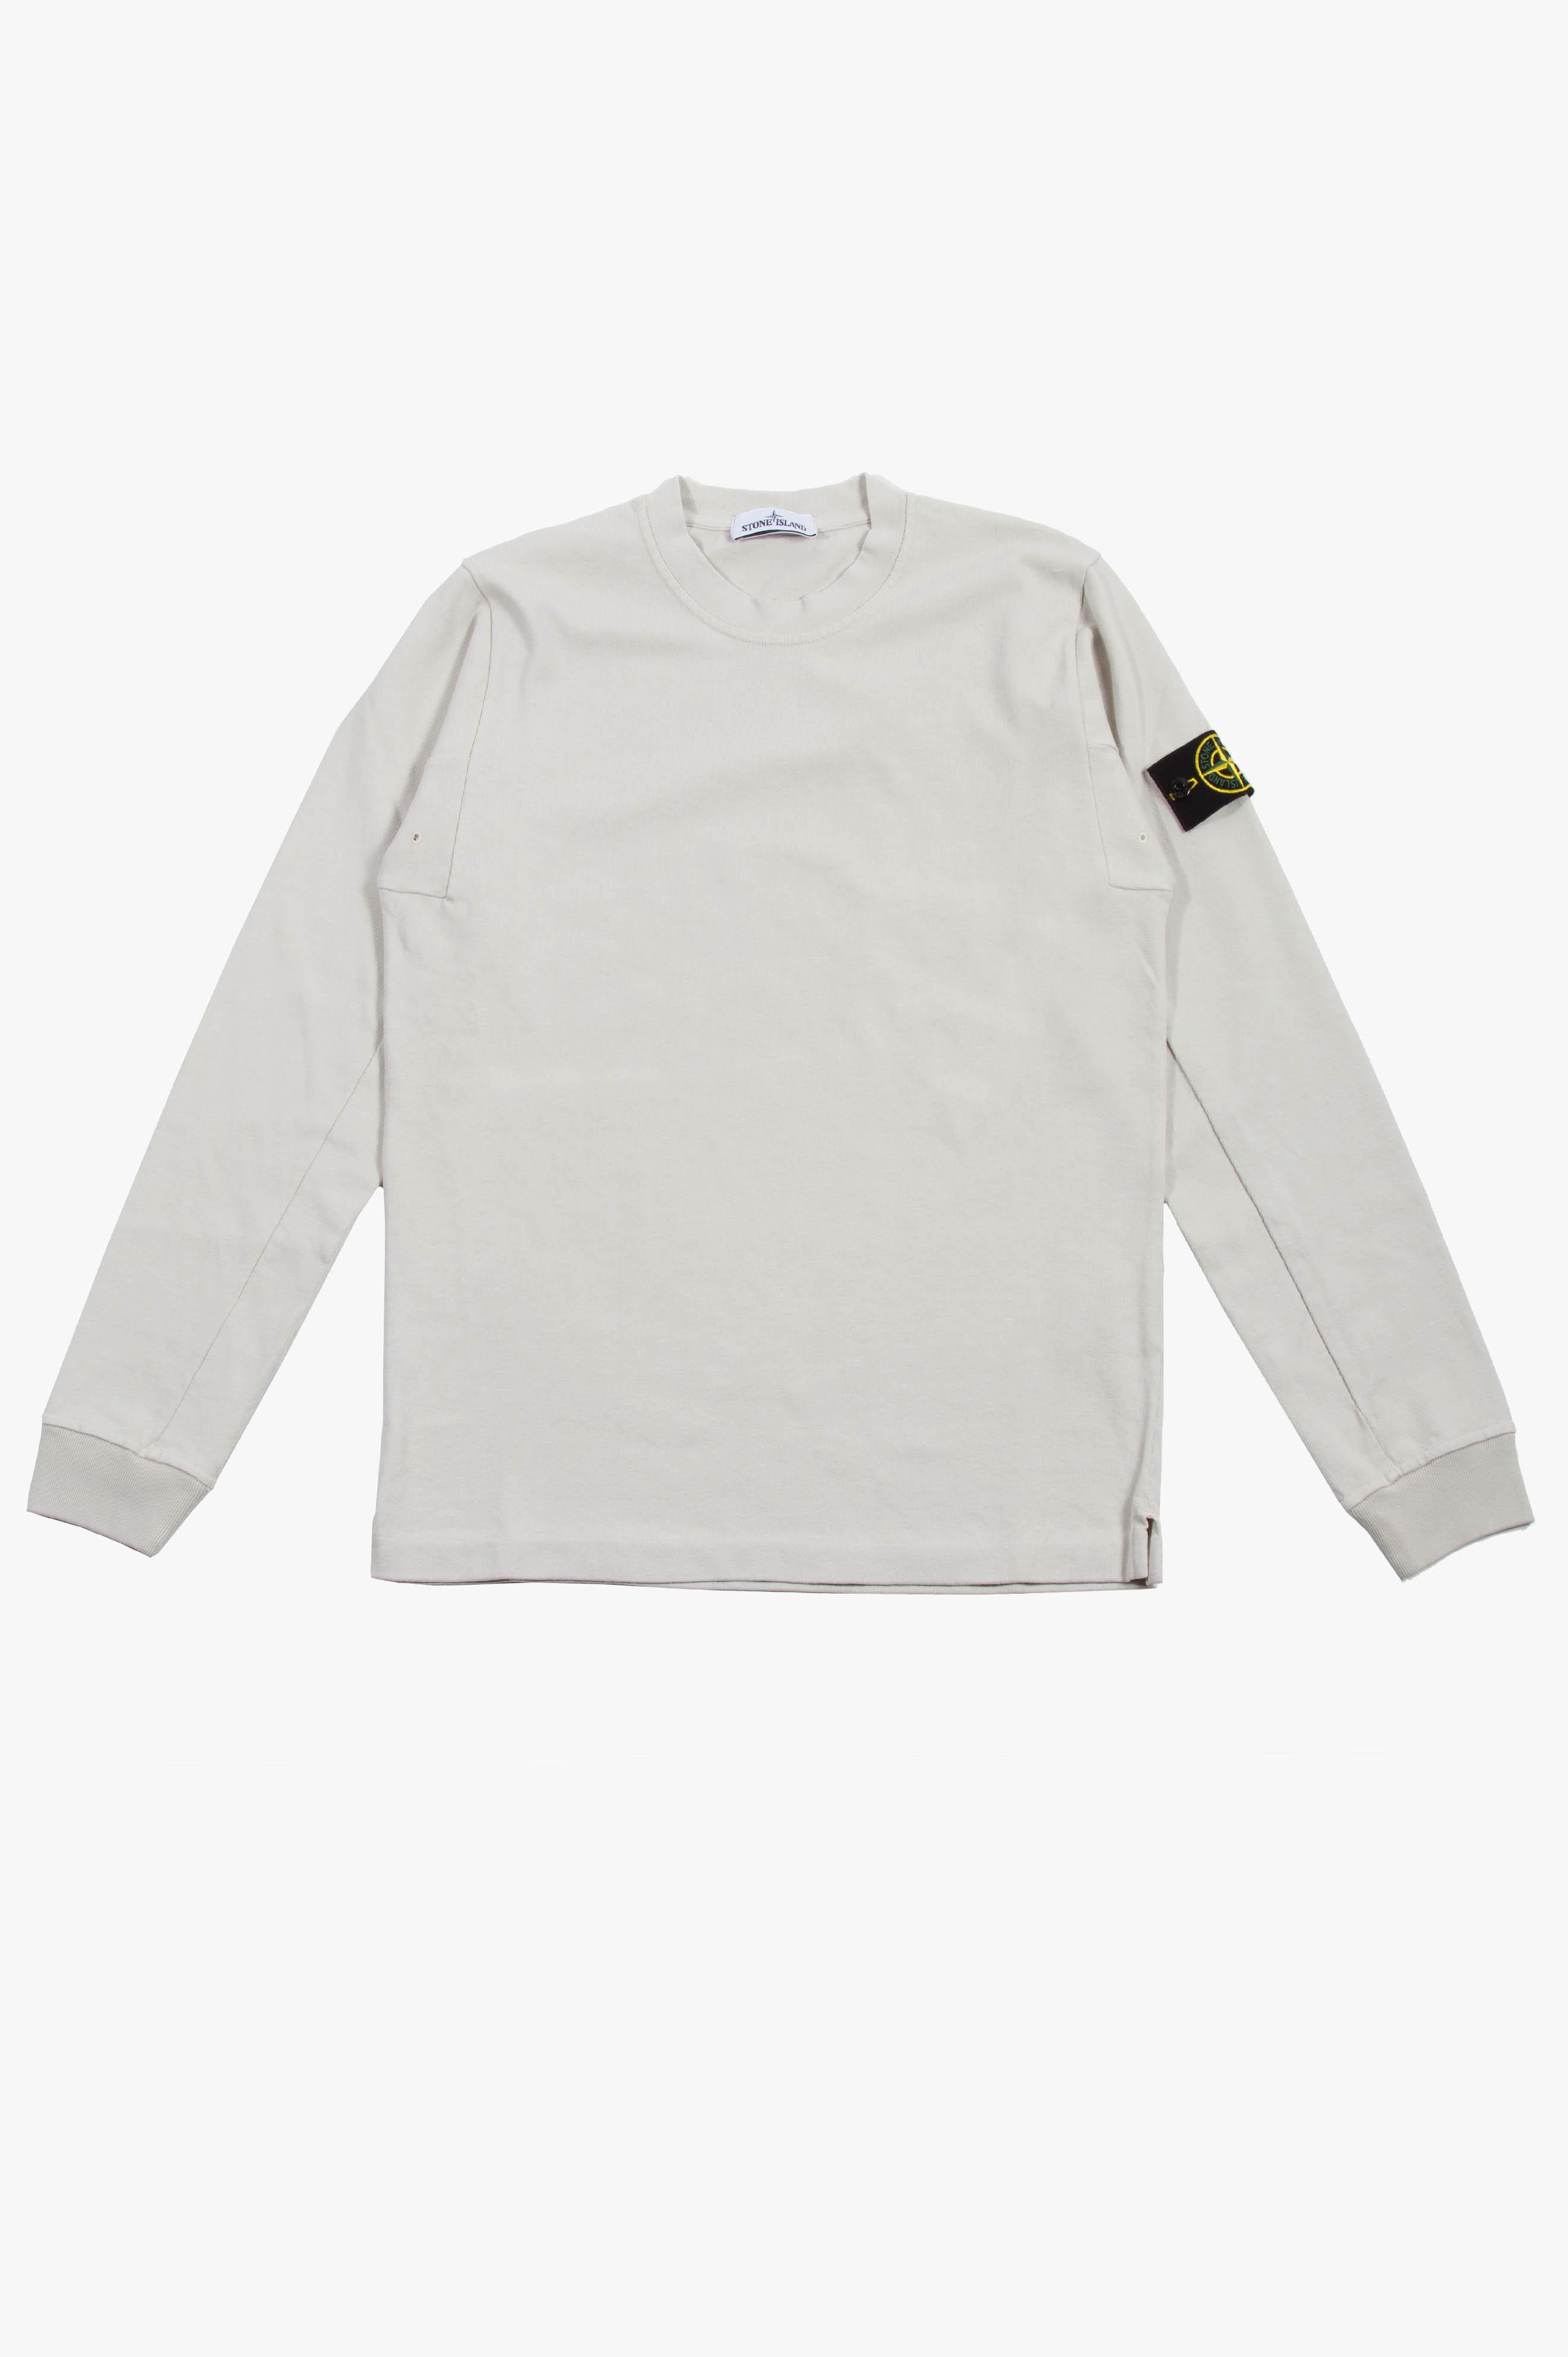 Sweatshirt Mastic White